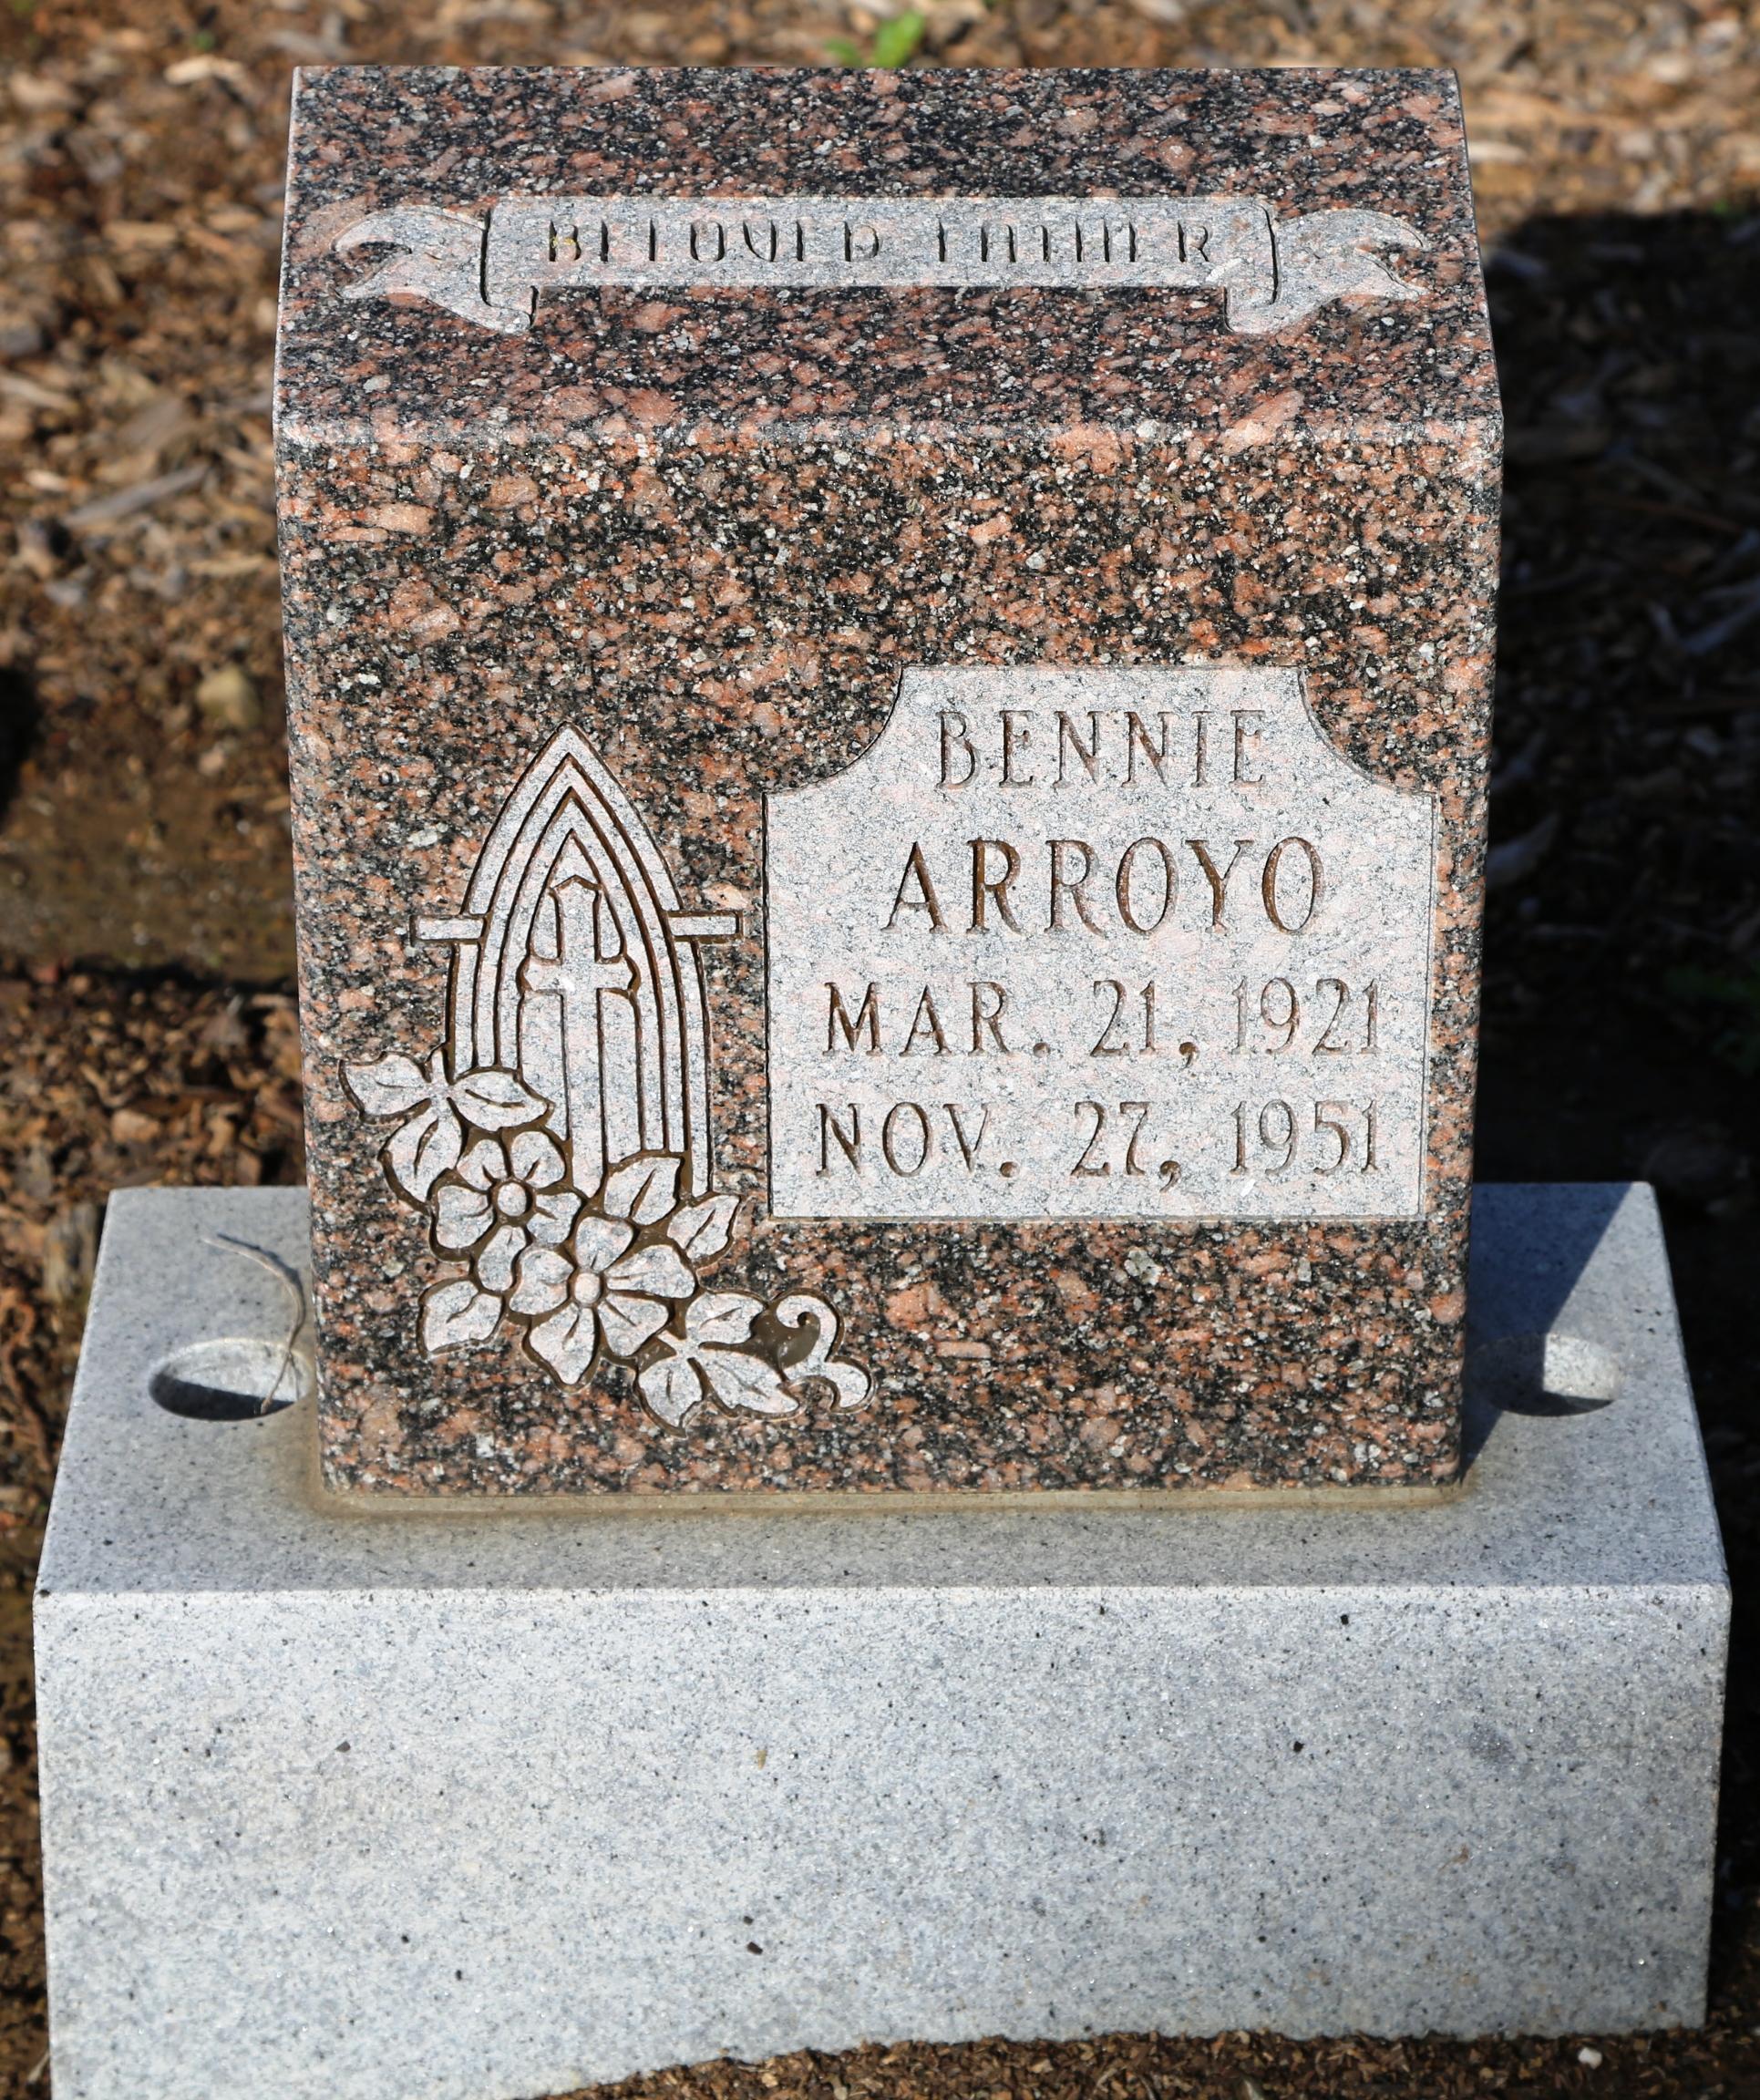 Bennie Arroyo